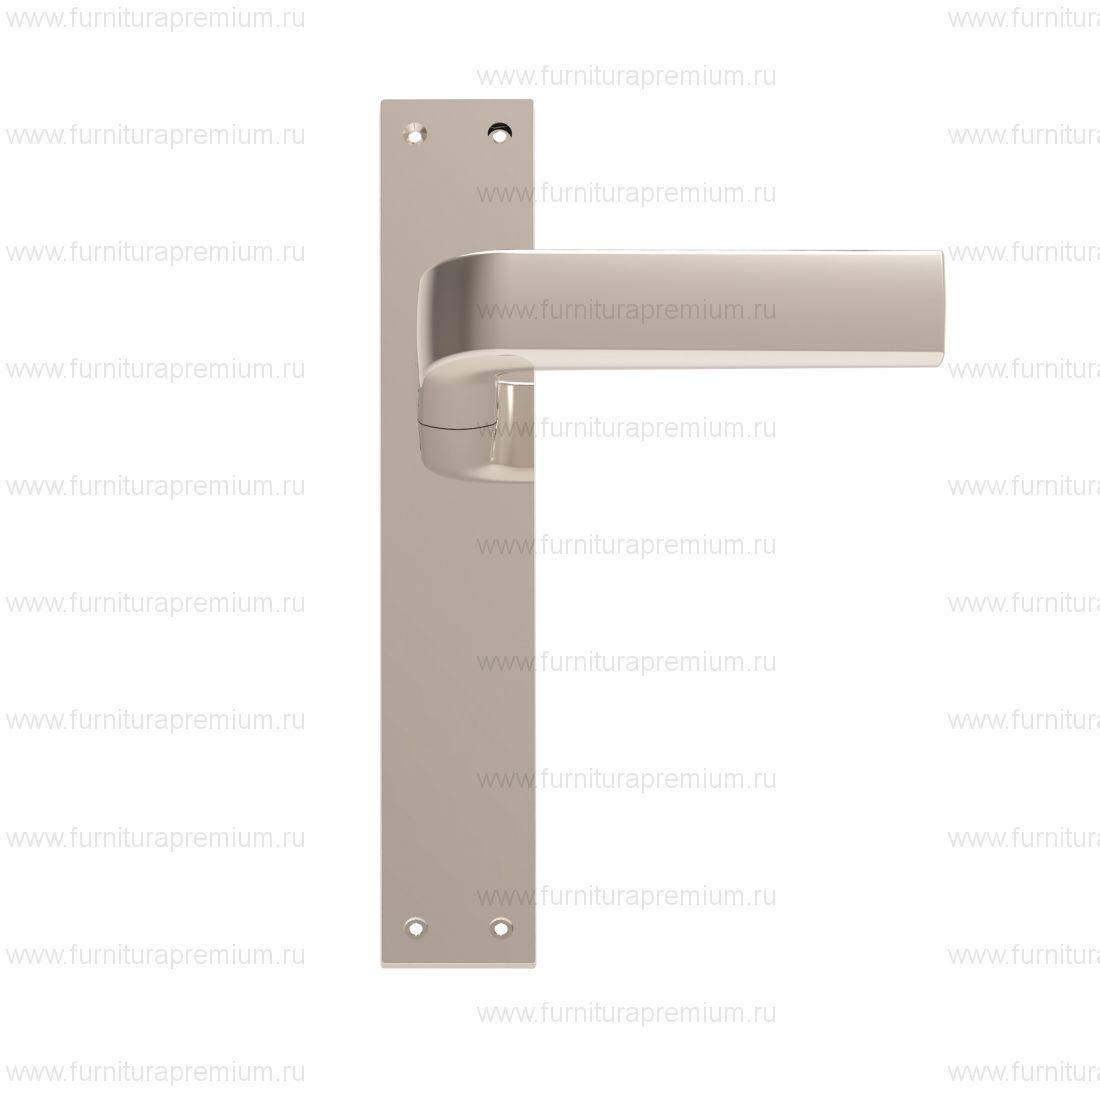 Ручка  Enrico Cassina  Dorotea C05410 на планке